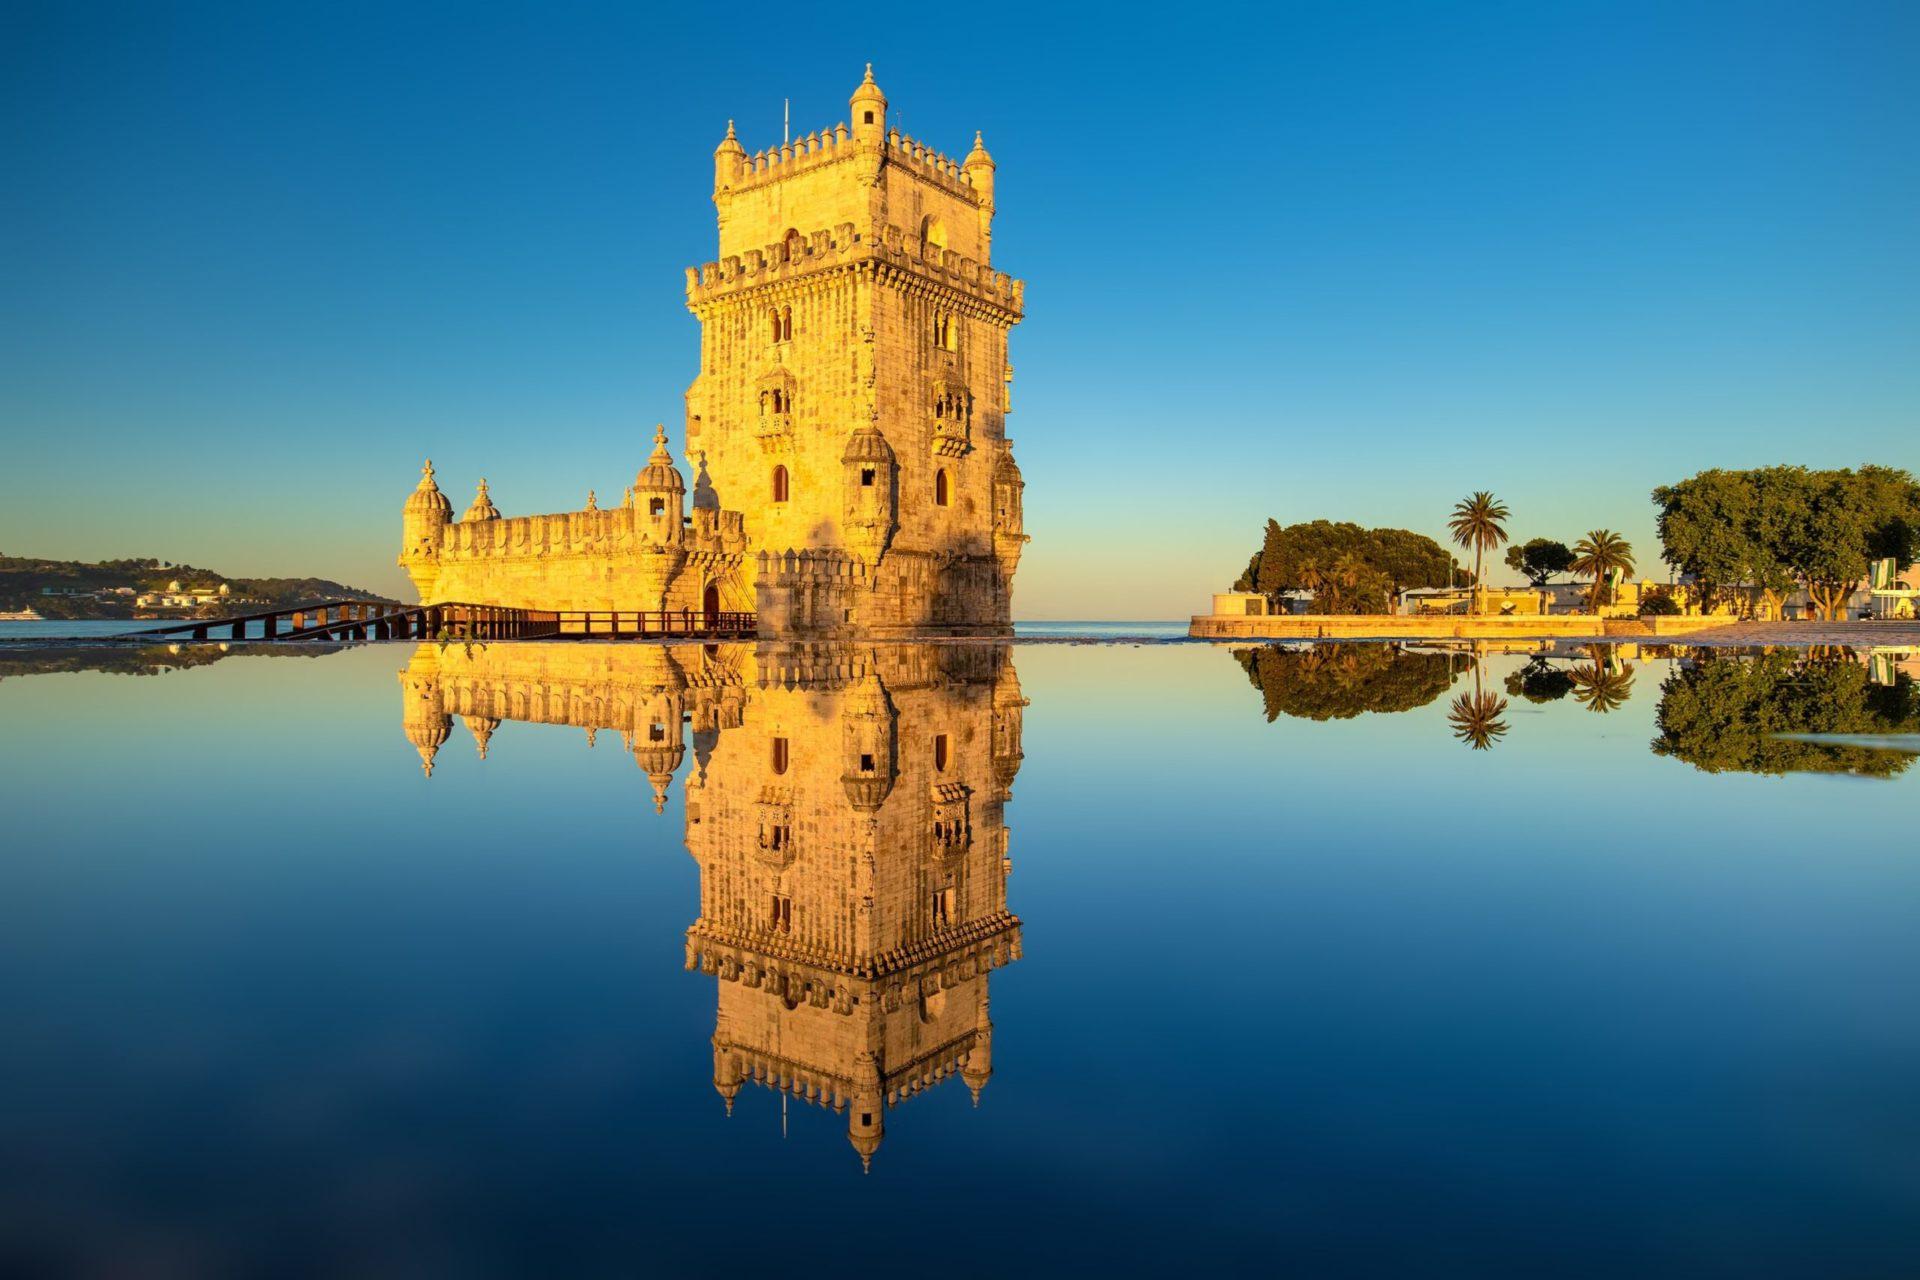 Wassertemperatur Lissabon: Torre de Belém spiegelt sich im stillen Wasser bei wolkenlosem Himmel.